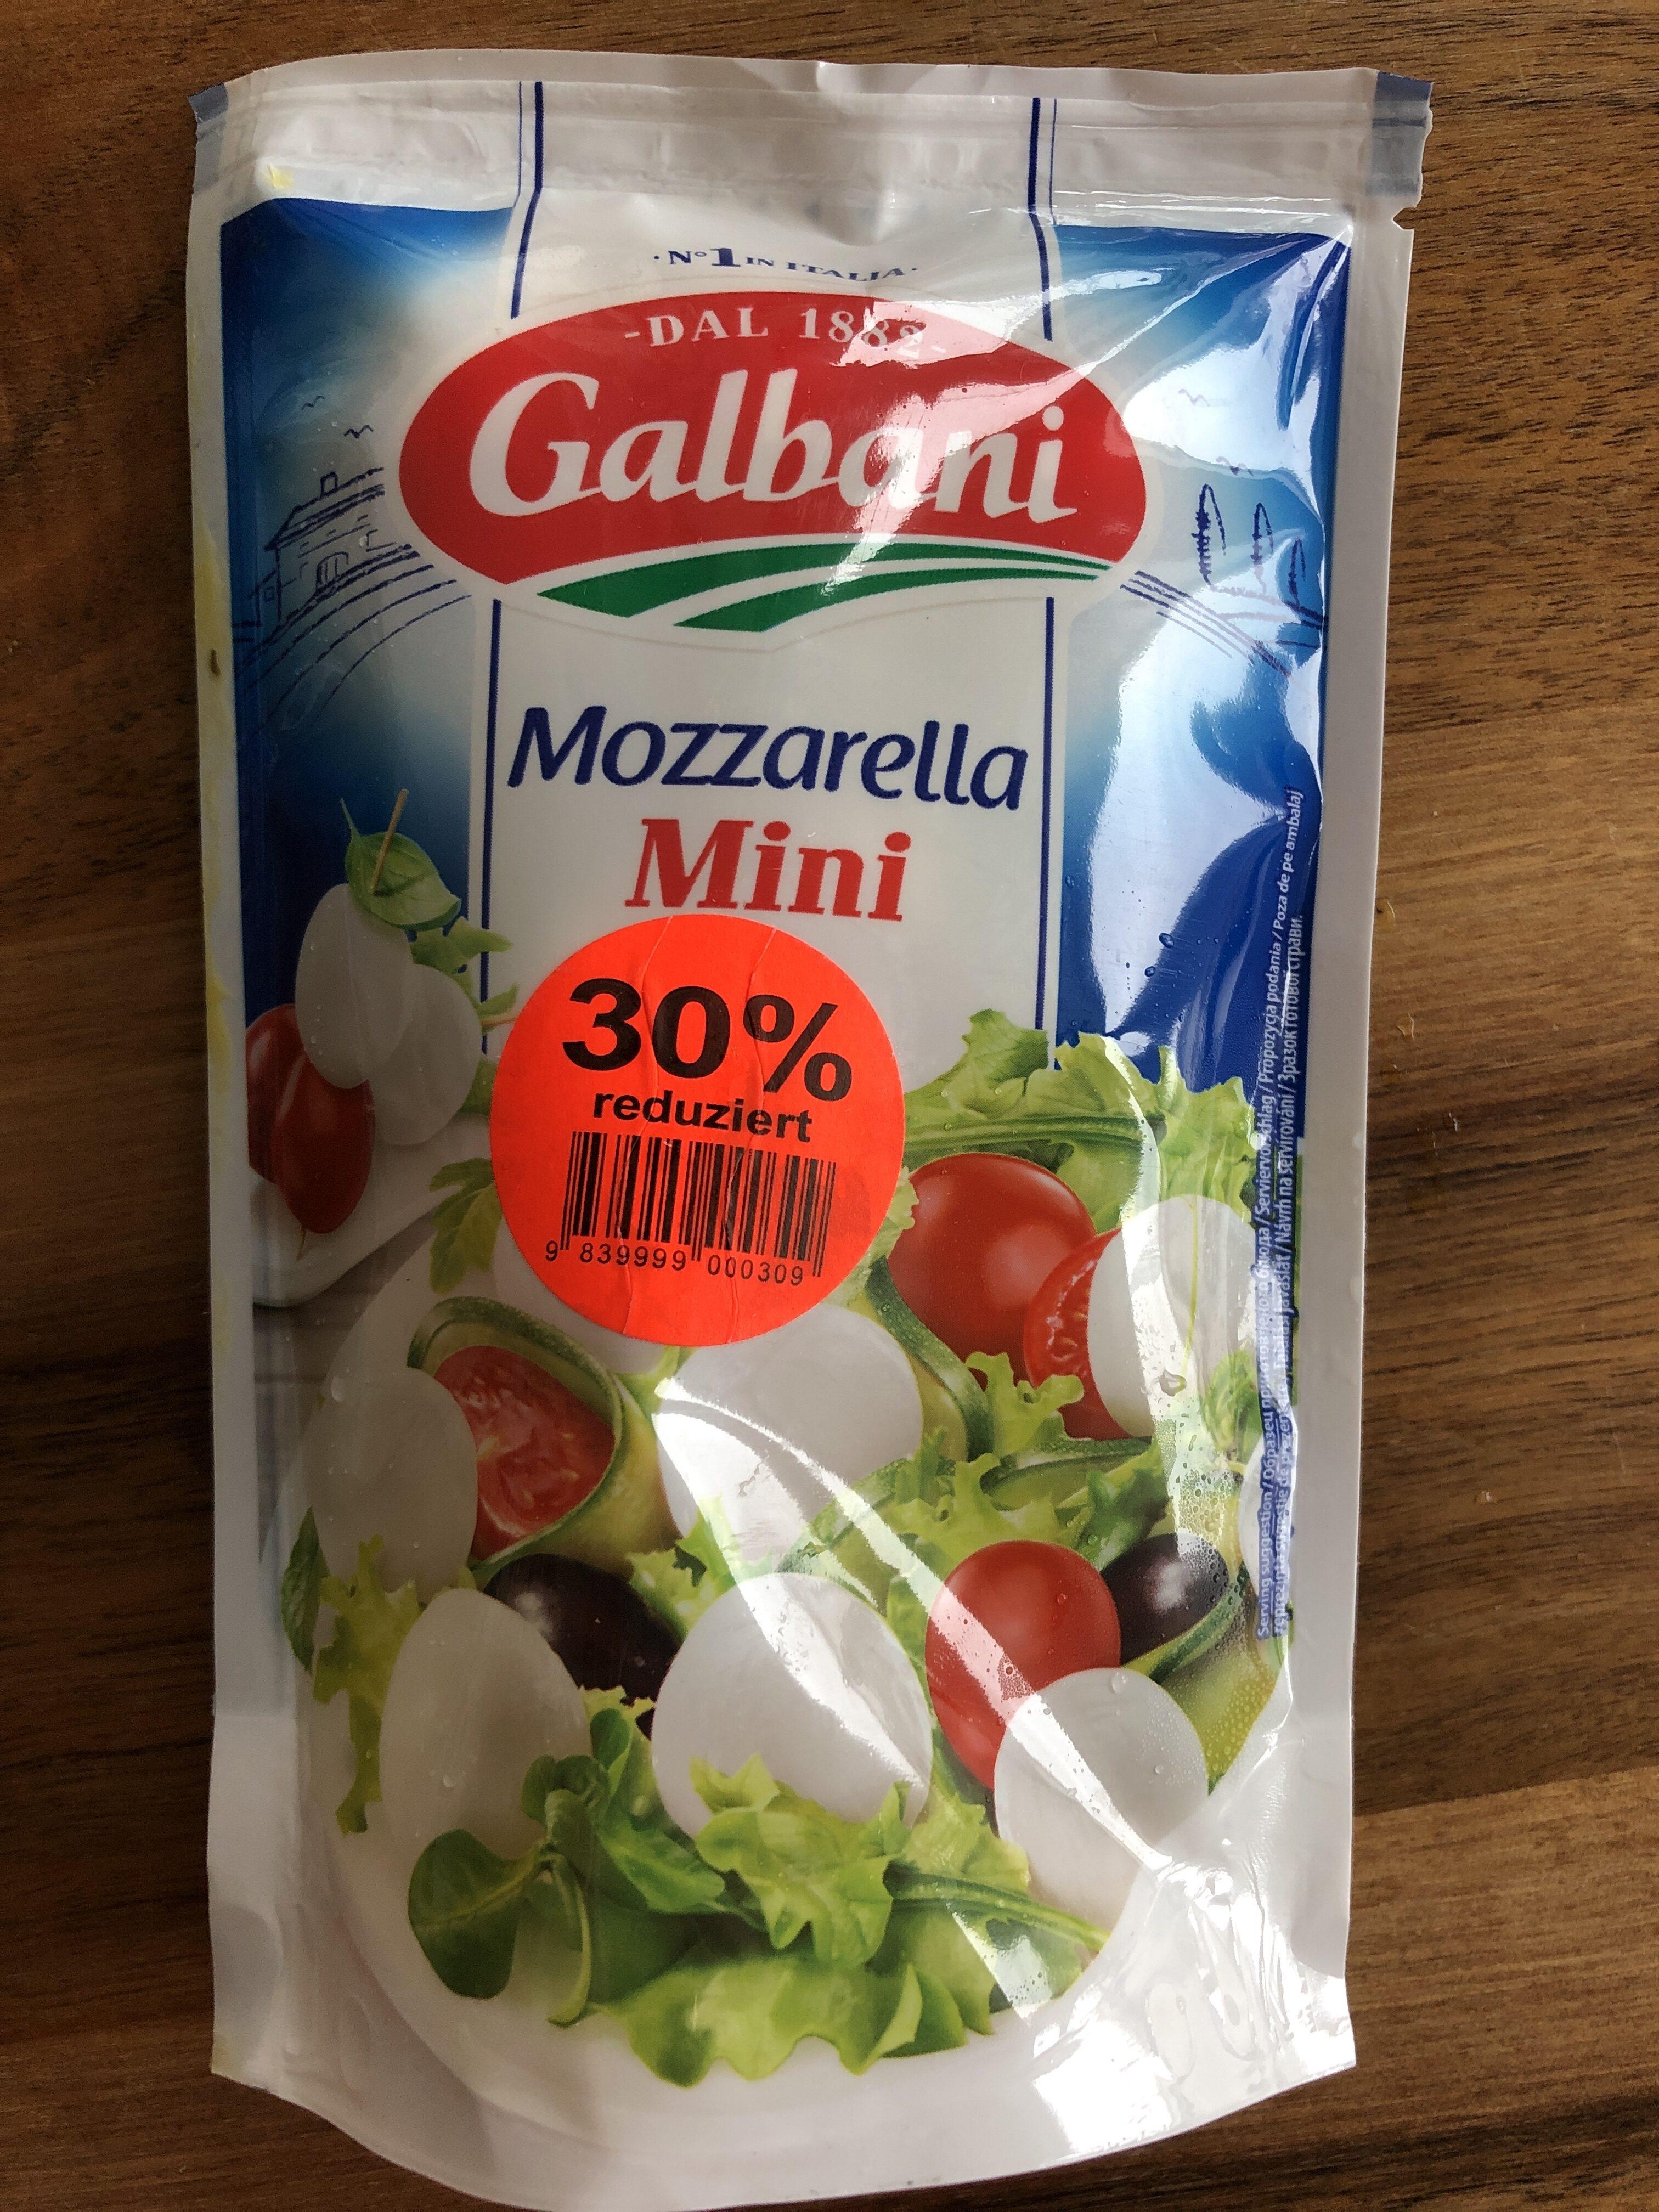 Mozzarella mini - Product - en